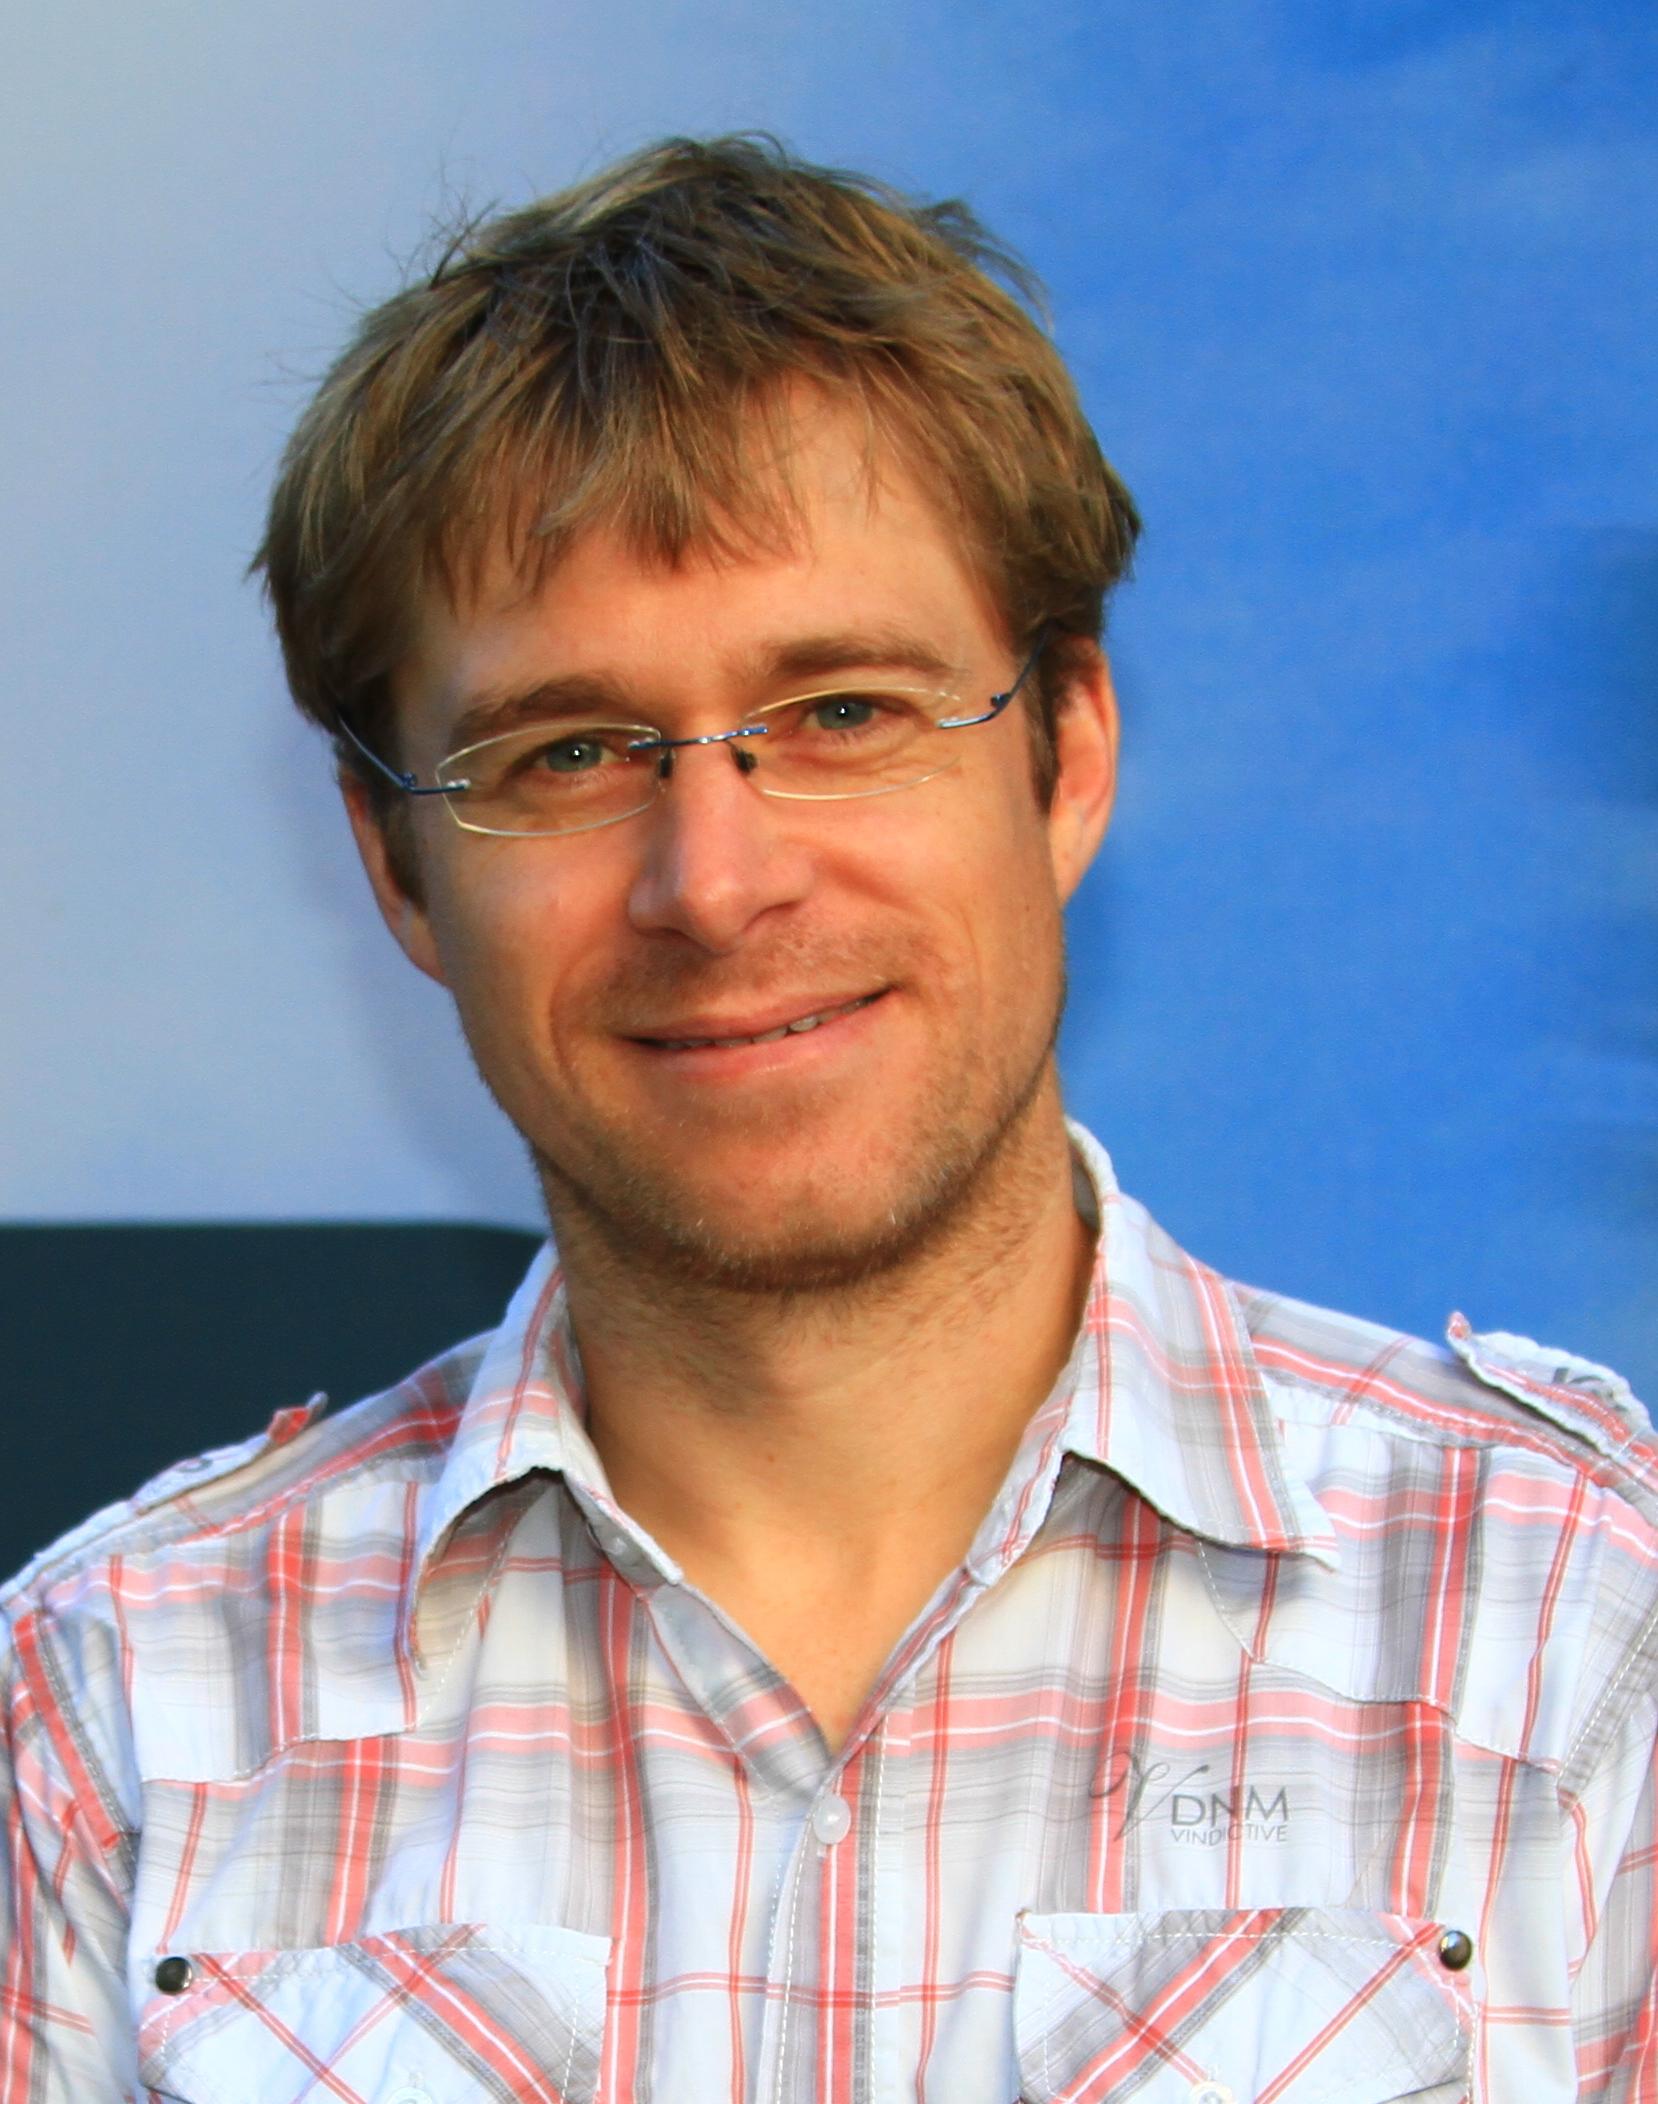 Dr John Elliott Daniels